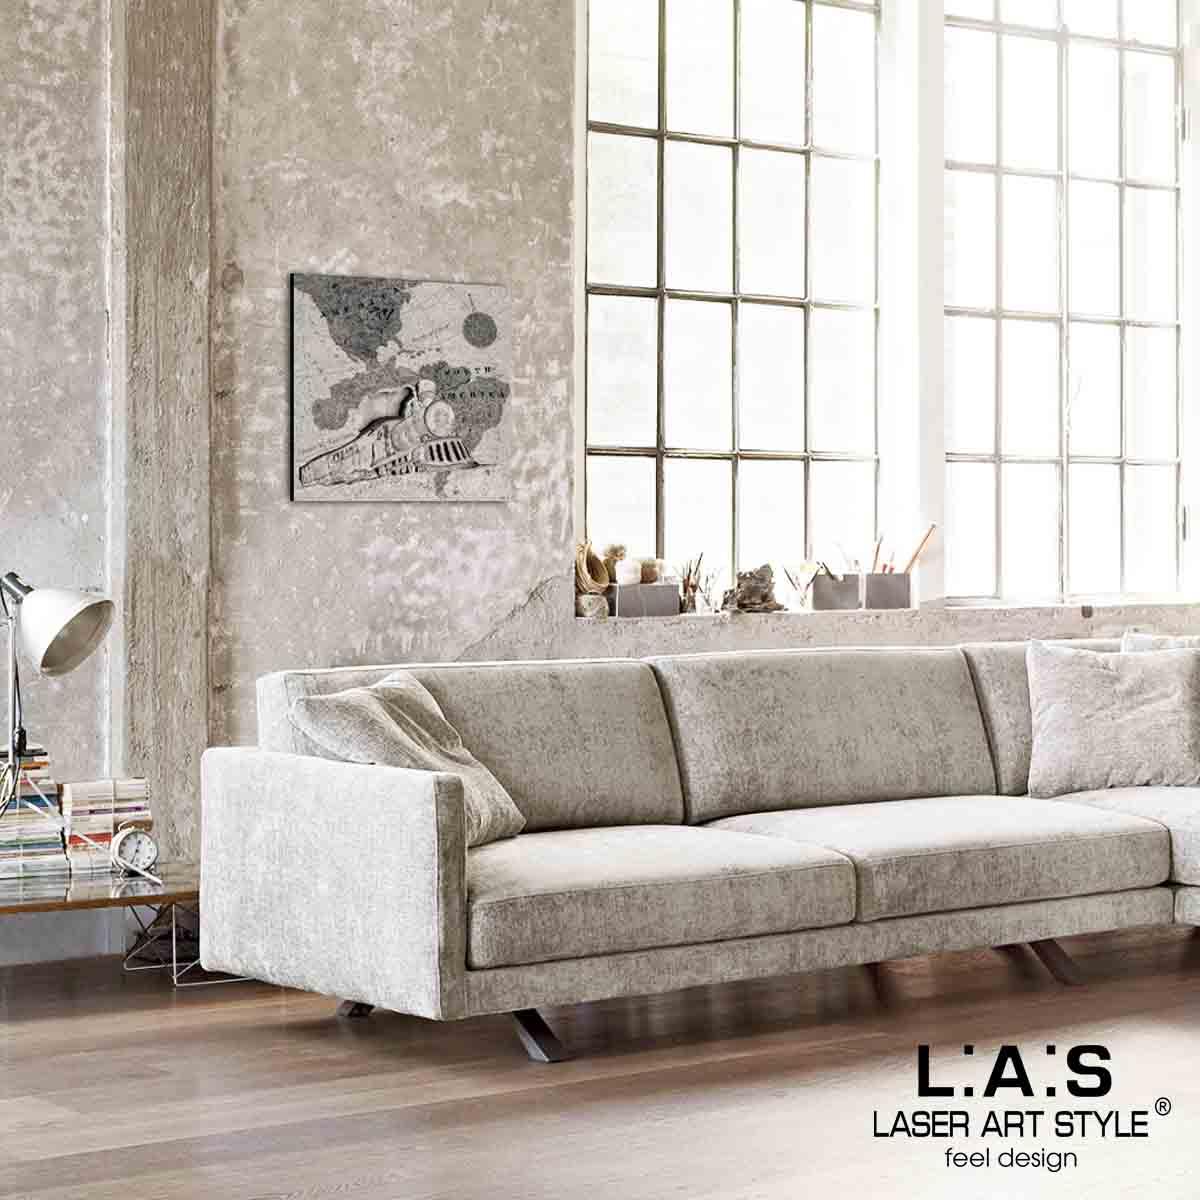 L:A:S - Laser Art Style - QUADRO -SCULTURA DA PARETE – Q-030 DECORO NERO